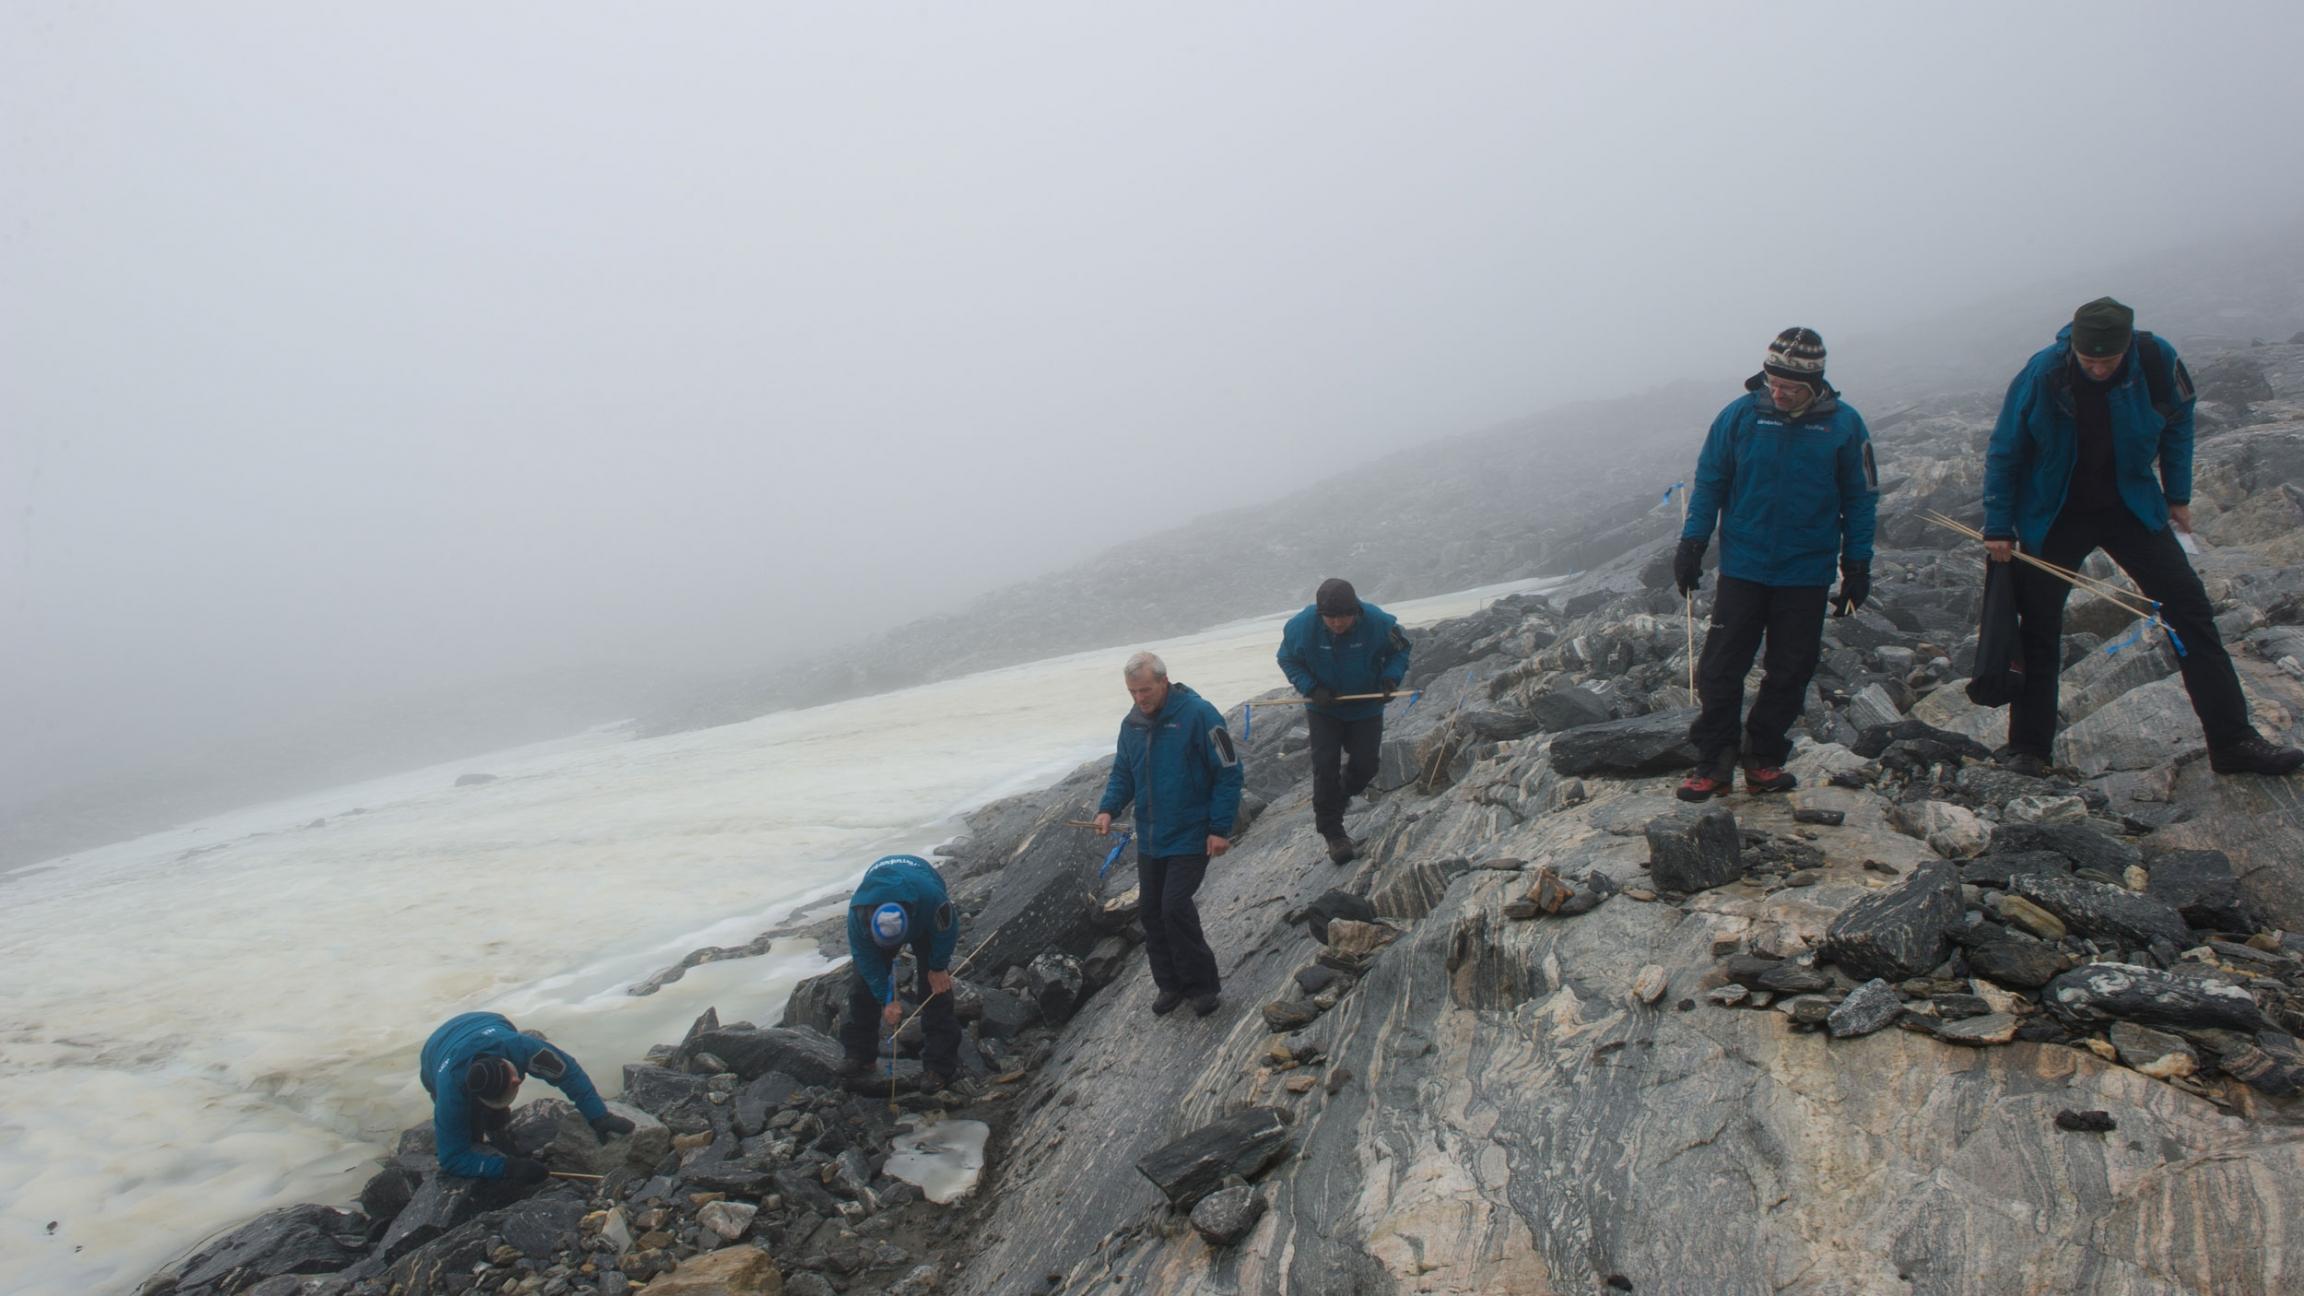 Men walk along an ice patch